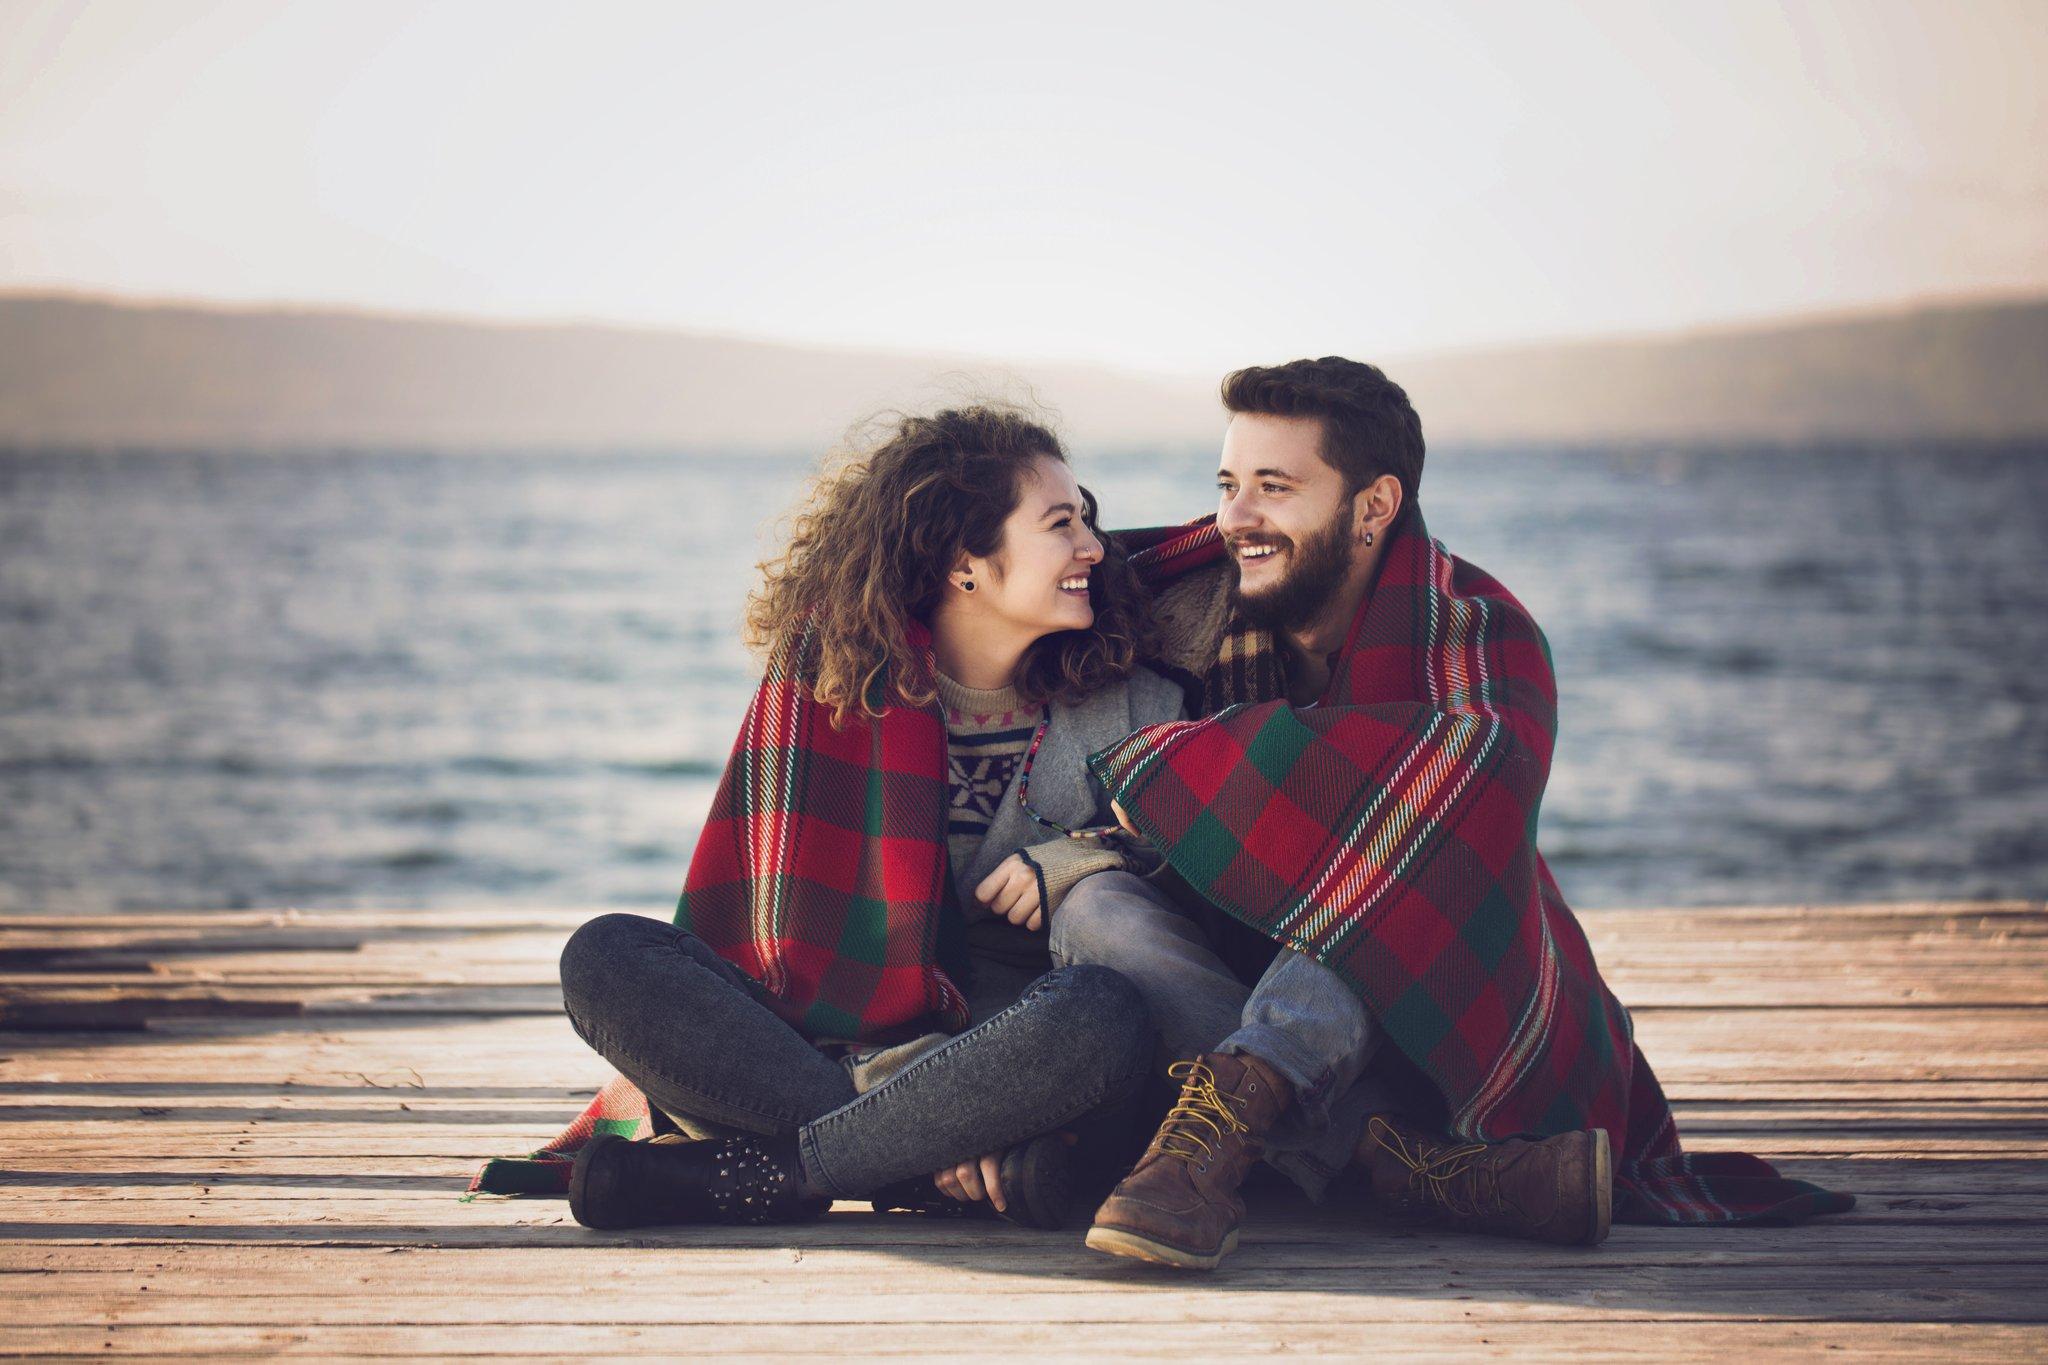 بالصور صور حب اجمل صور الحب والغرام صور رومانسية جديدة , خلفيات تعبر عن العشق 4362